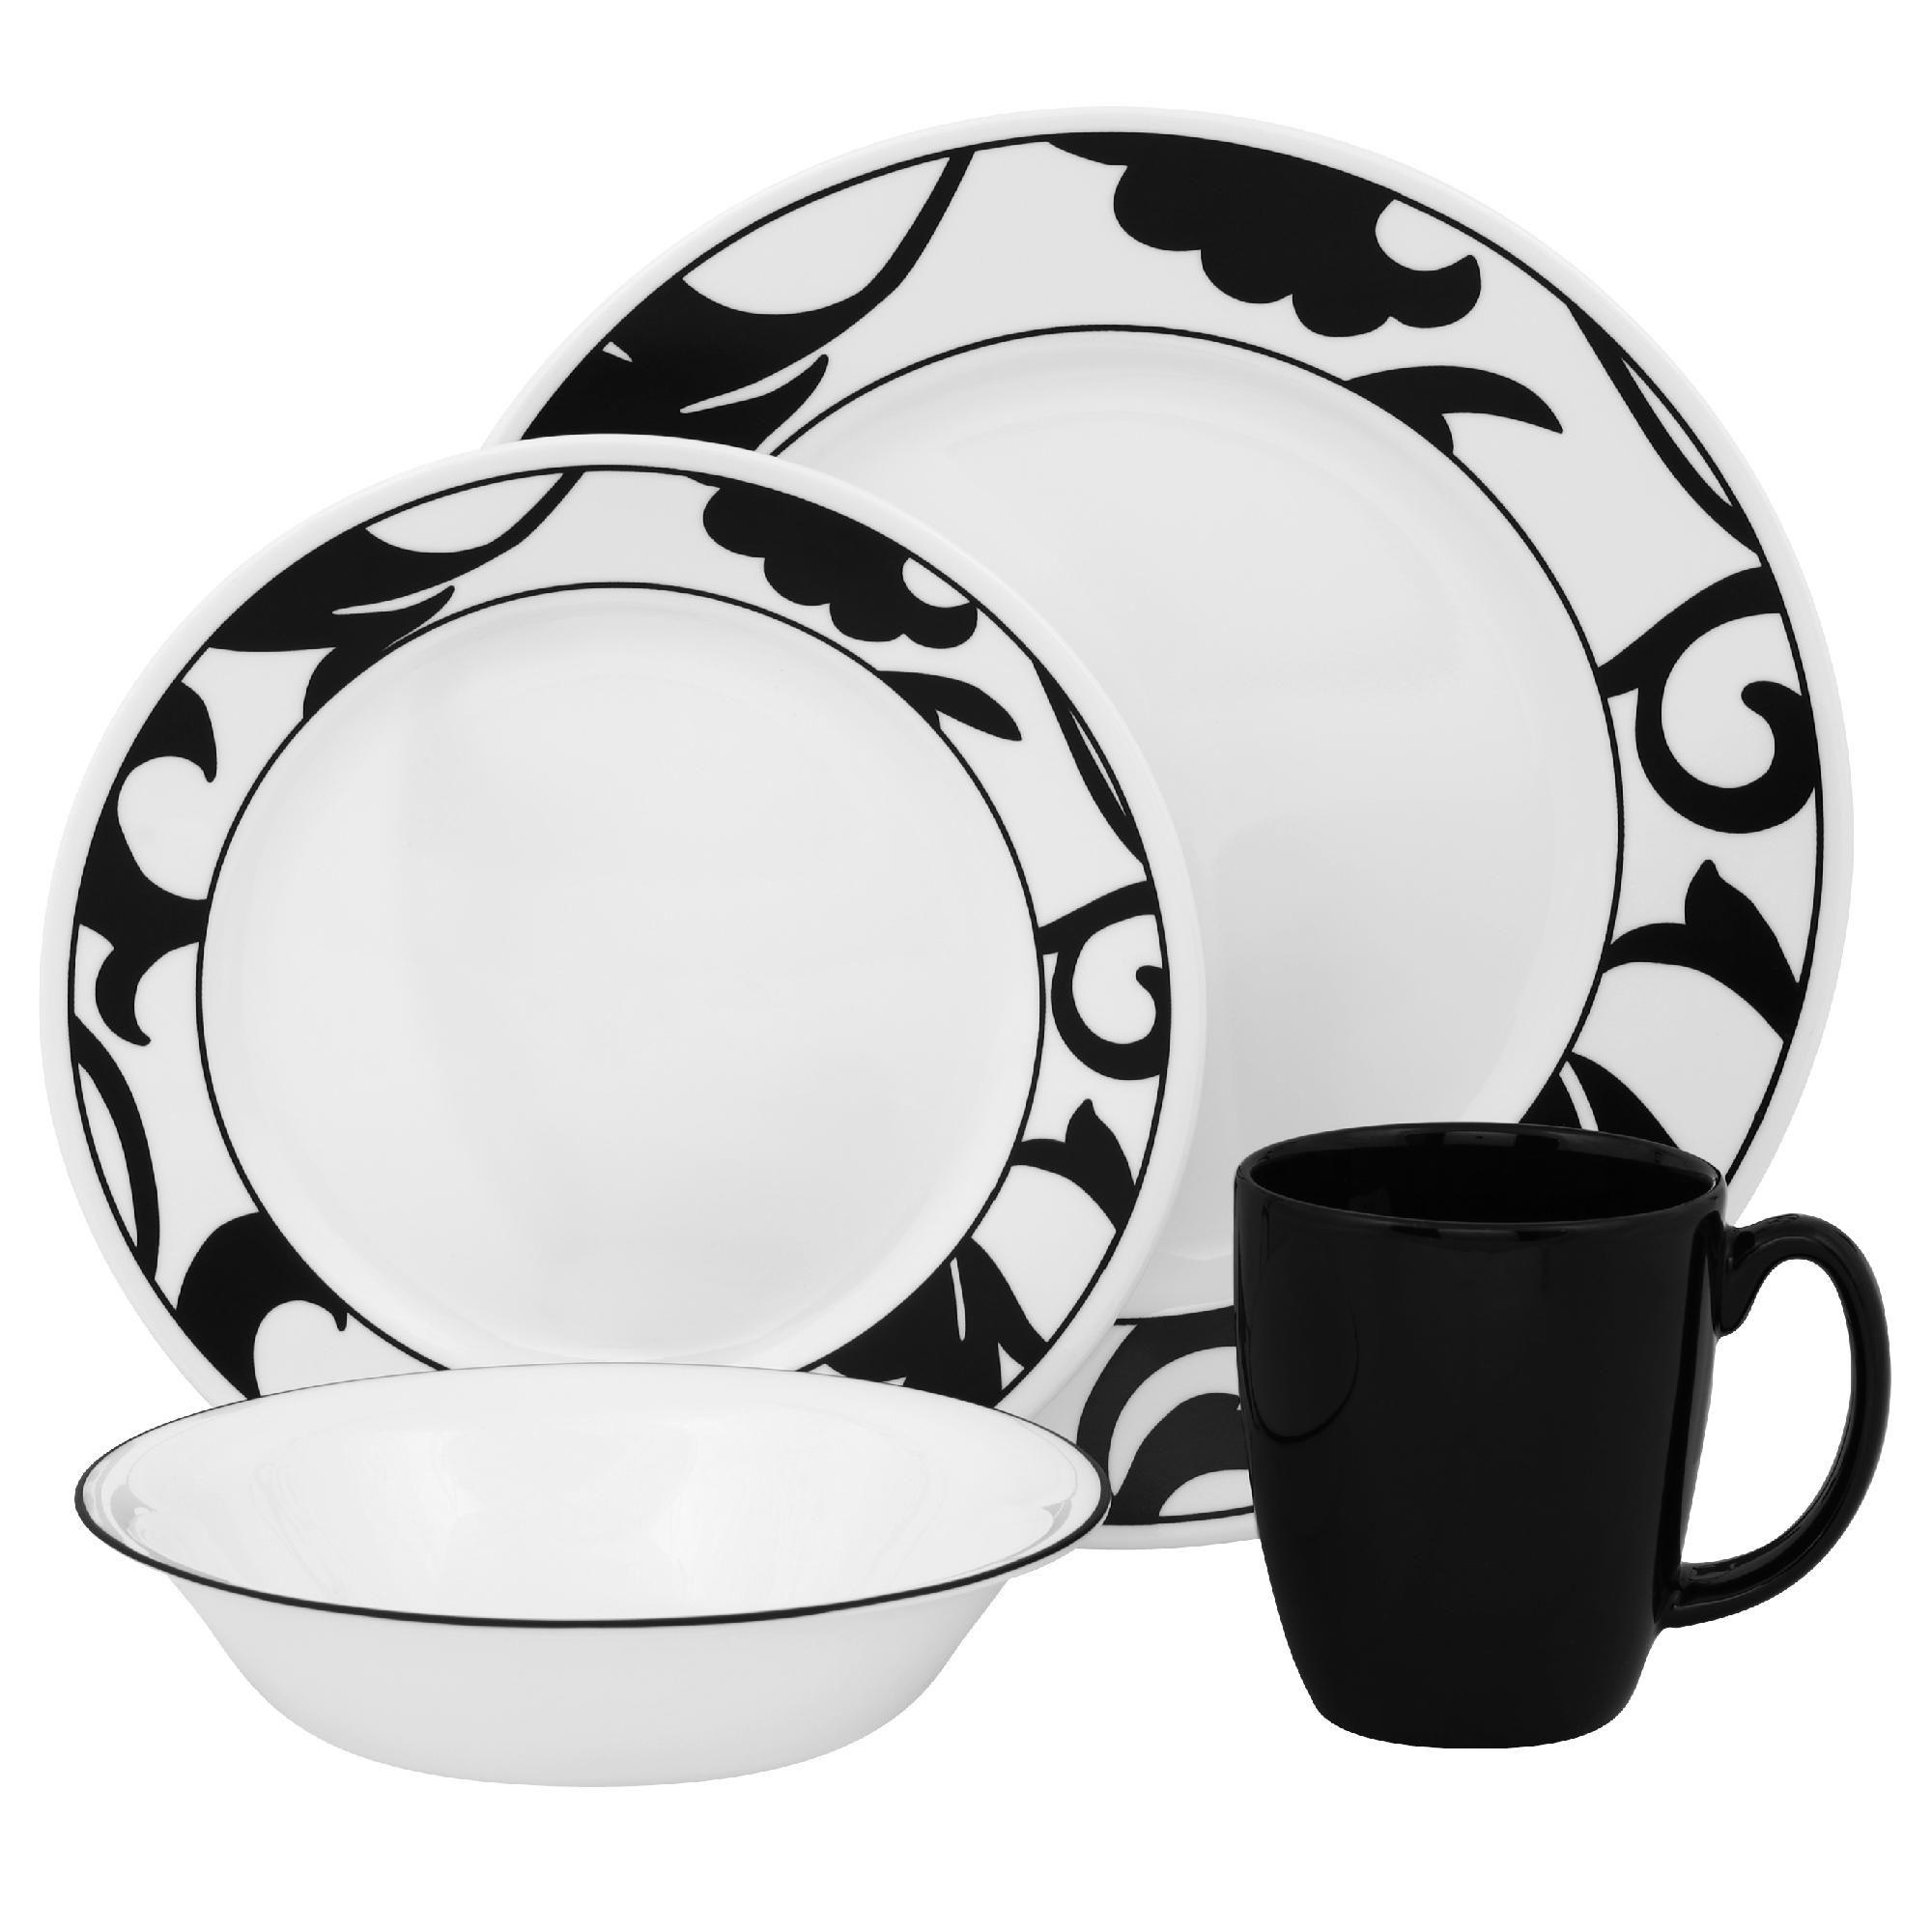 Corelle Vive Noir 16pc Dinnerware Set